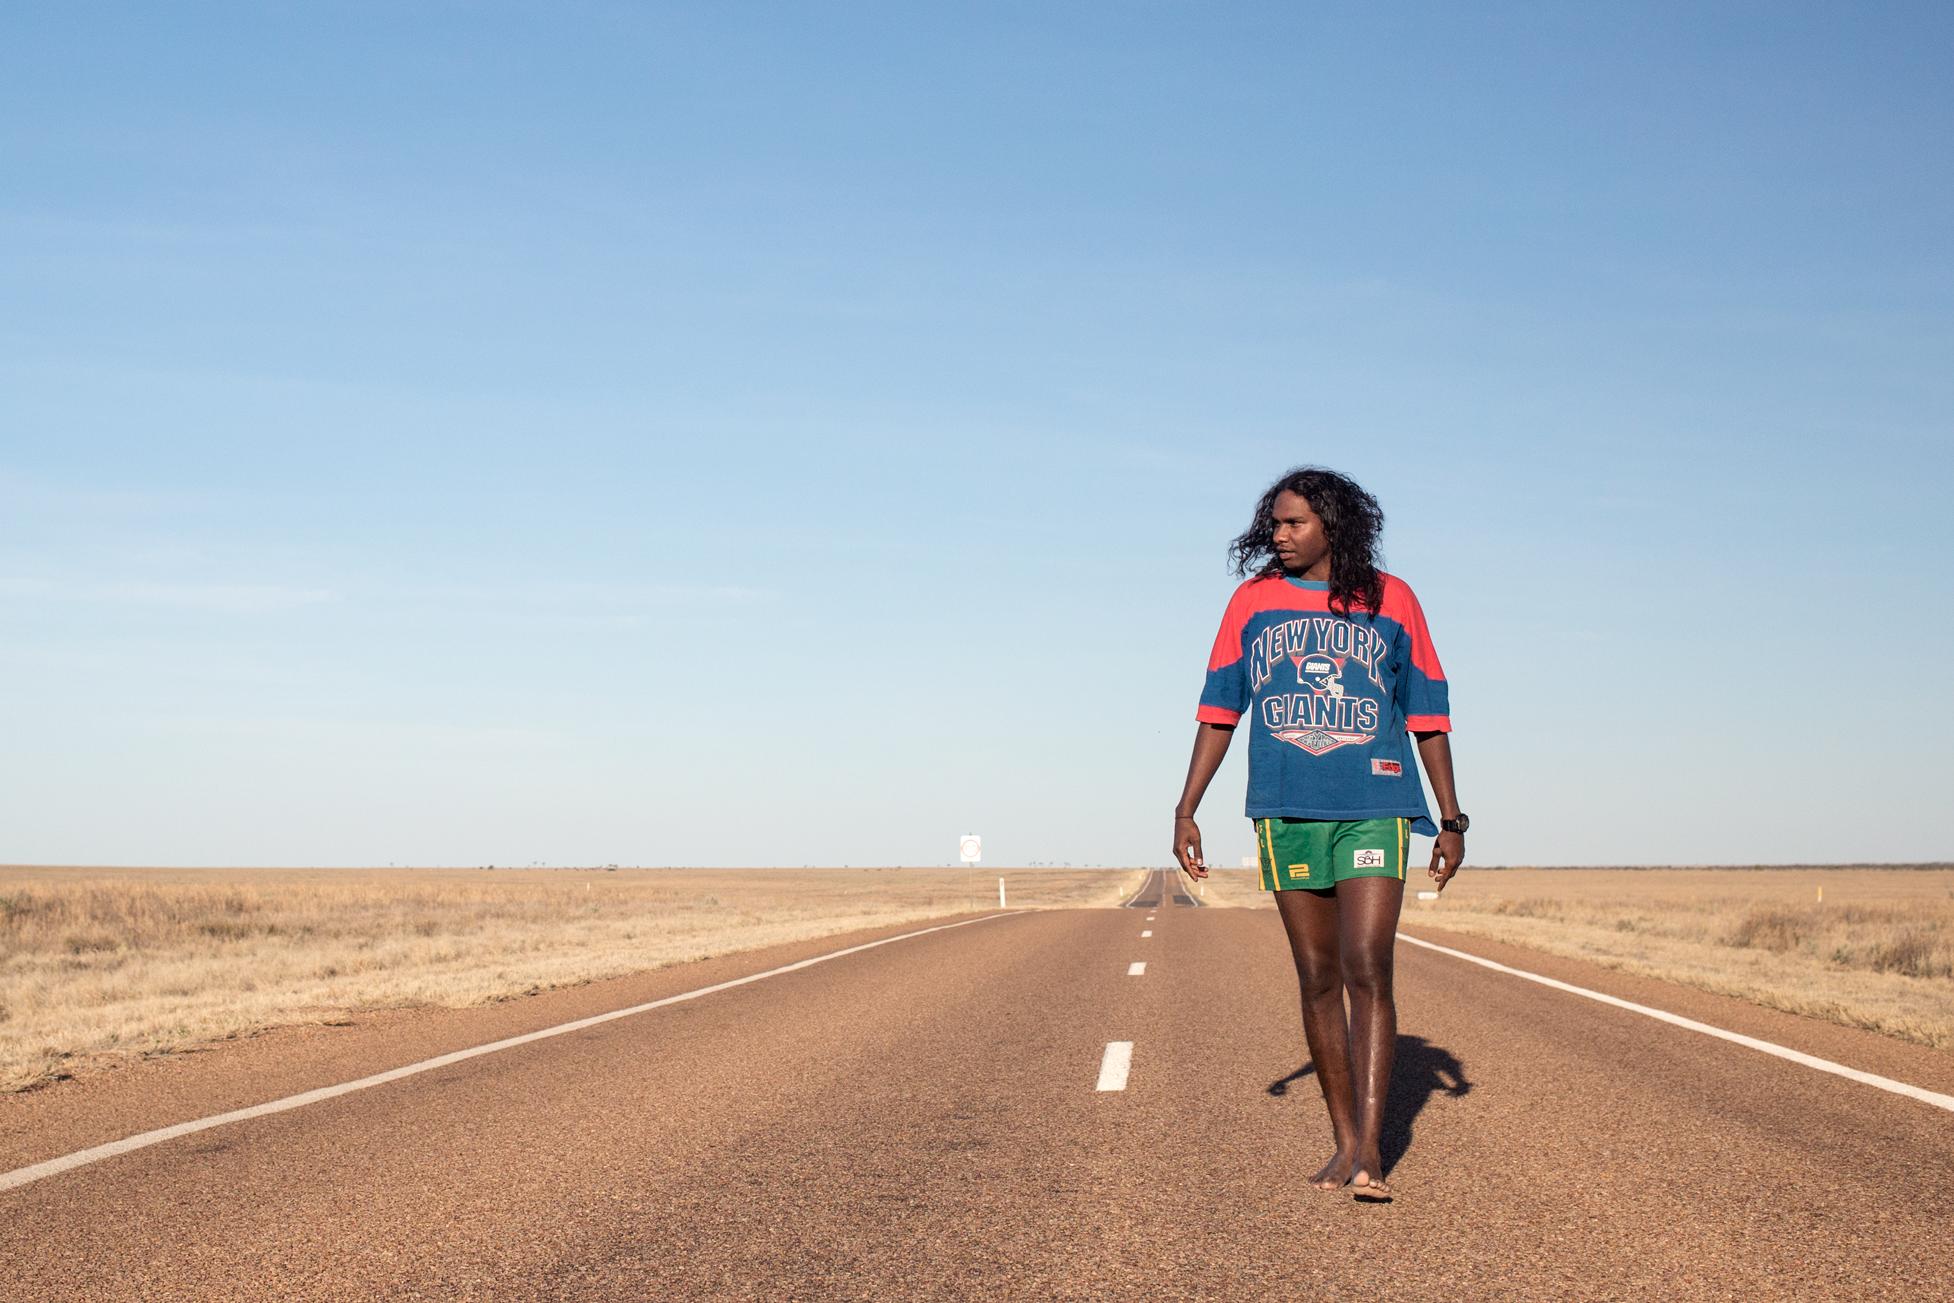 Baker Boy walking on a road in the desert